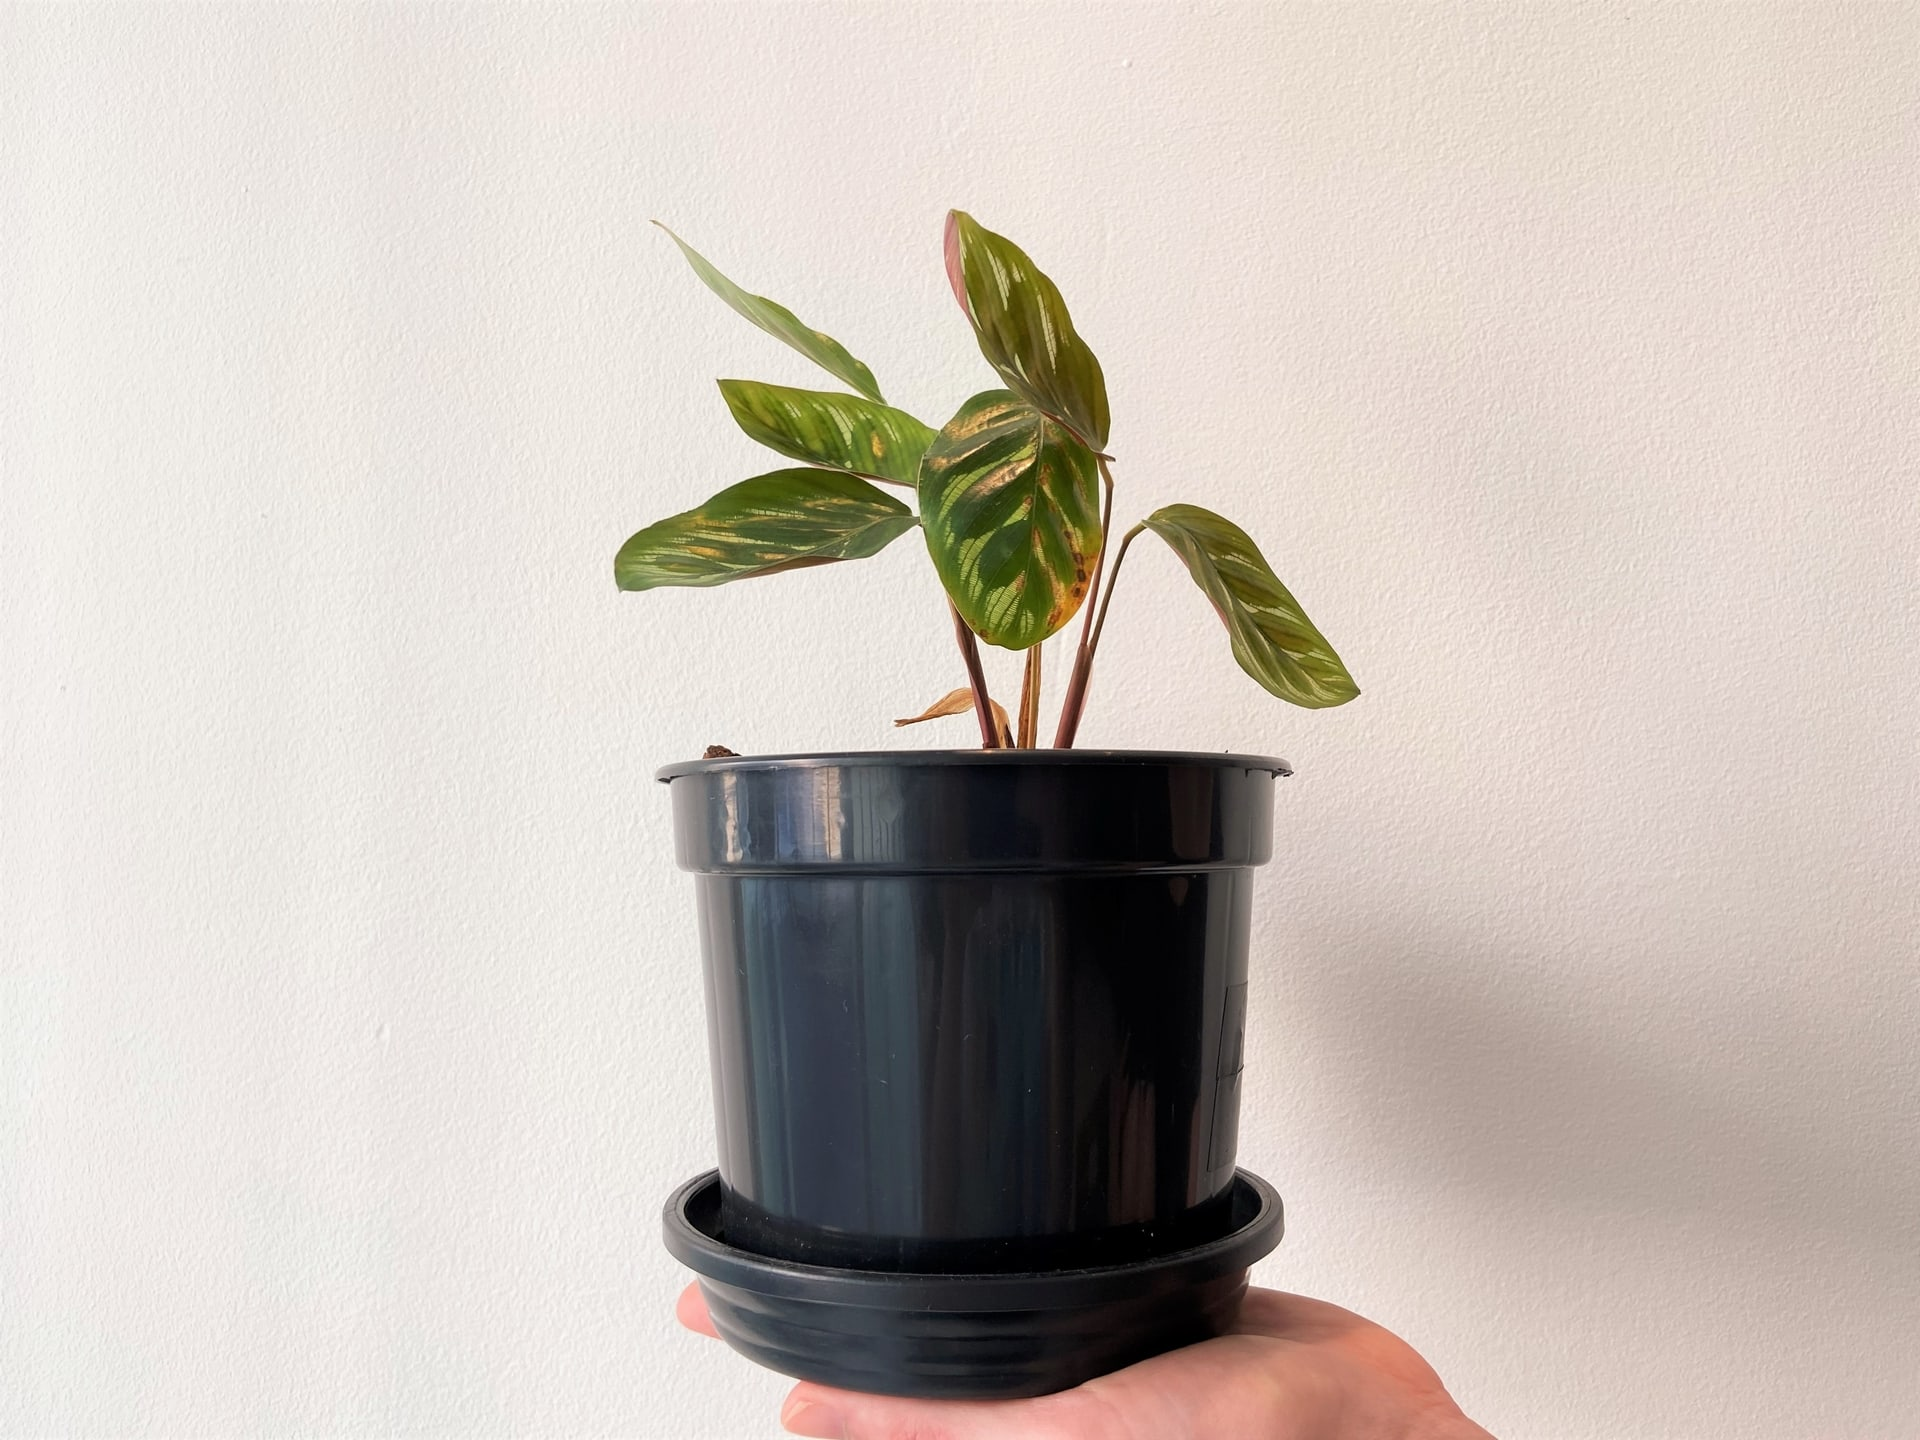 Plantas para ter em casa: Maranta (Ctenanthe oppenheimiana). Foto: Arquiteca Projetos